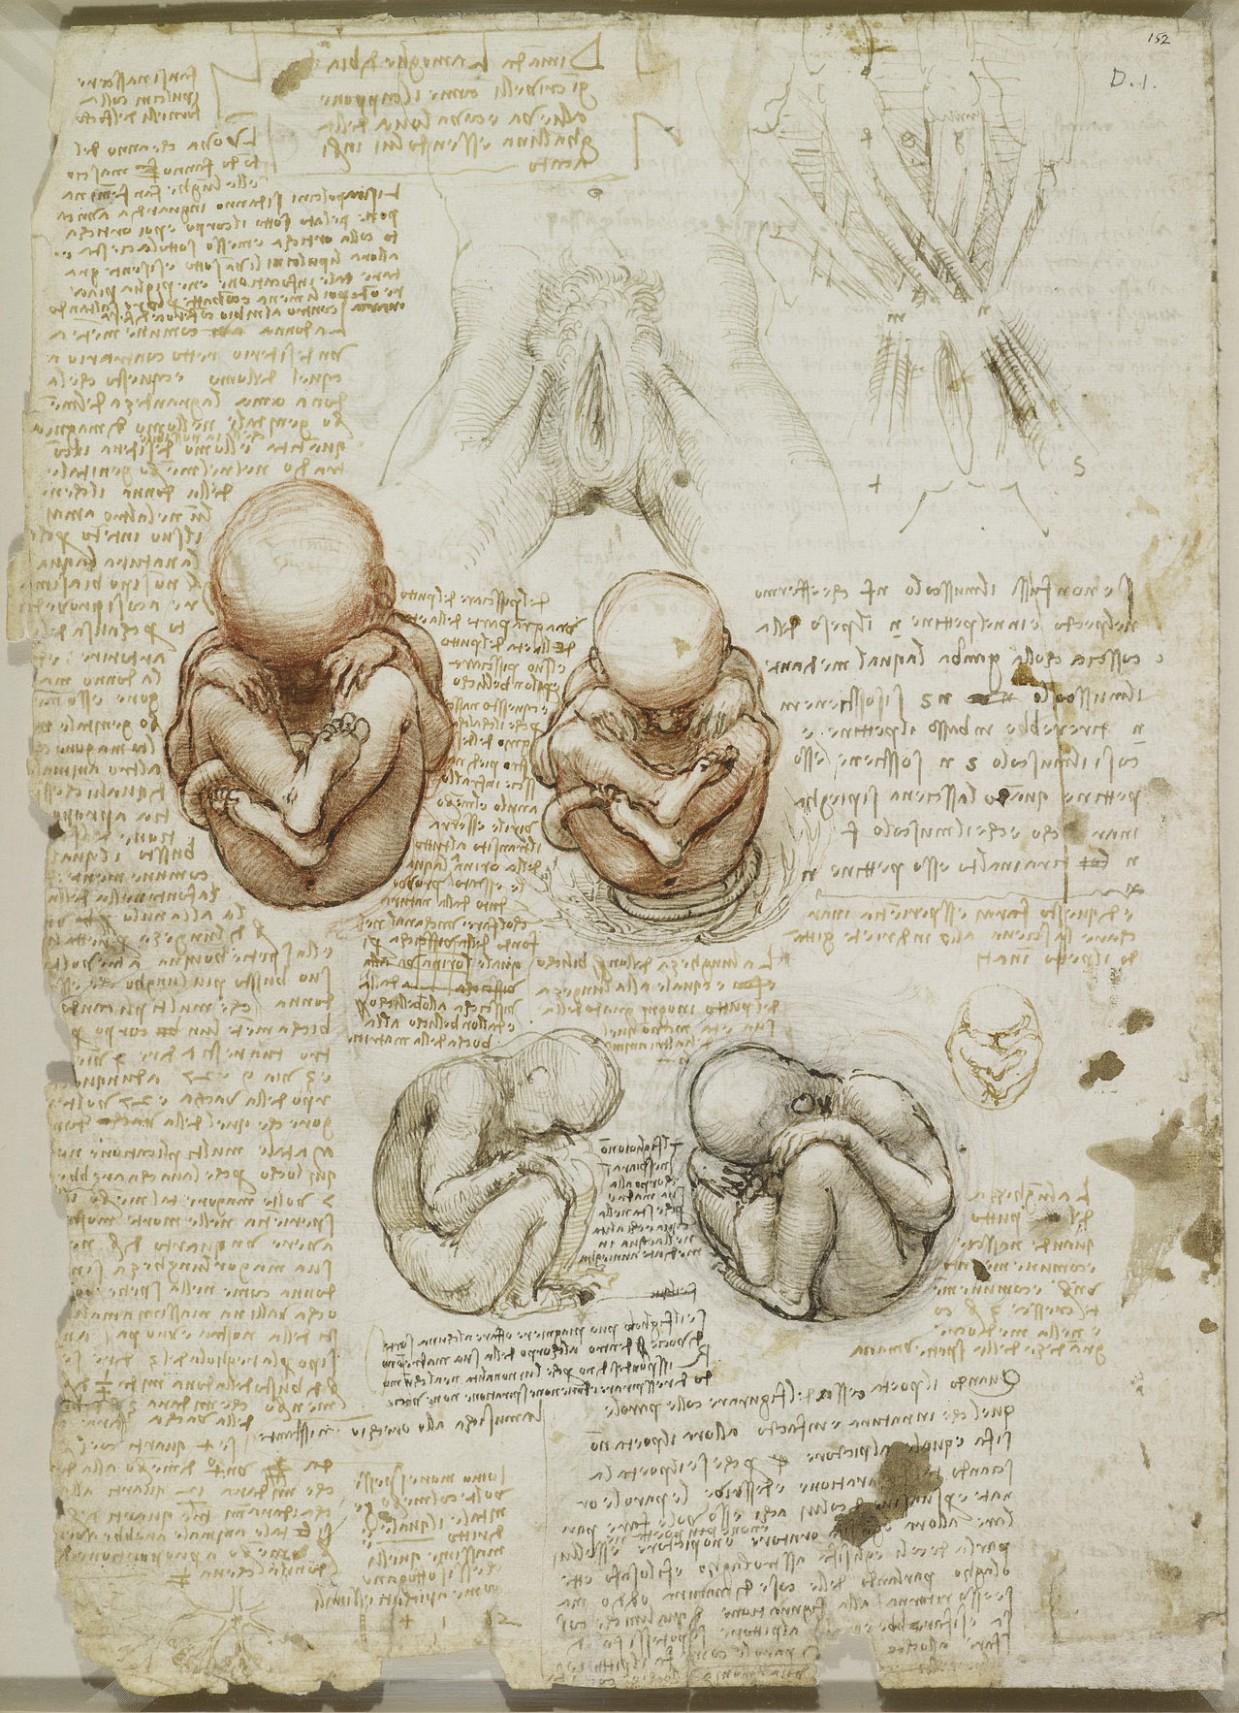 estudio anatomico leornado 21